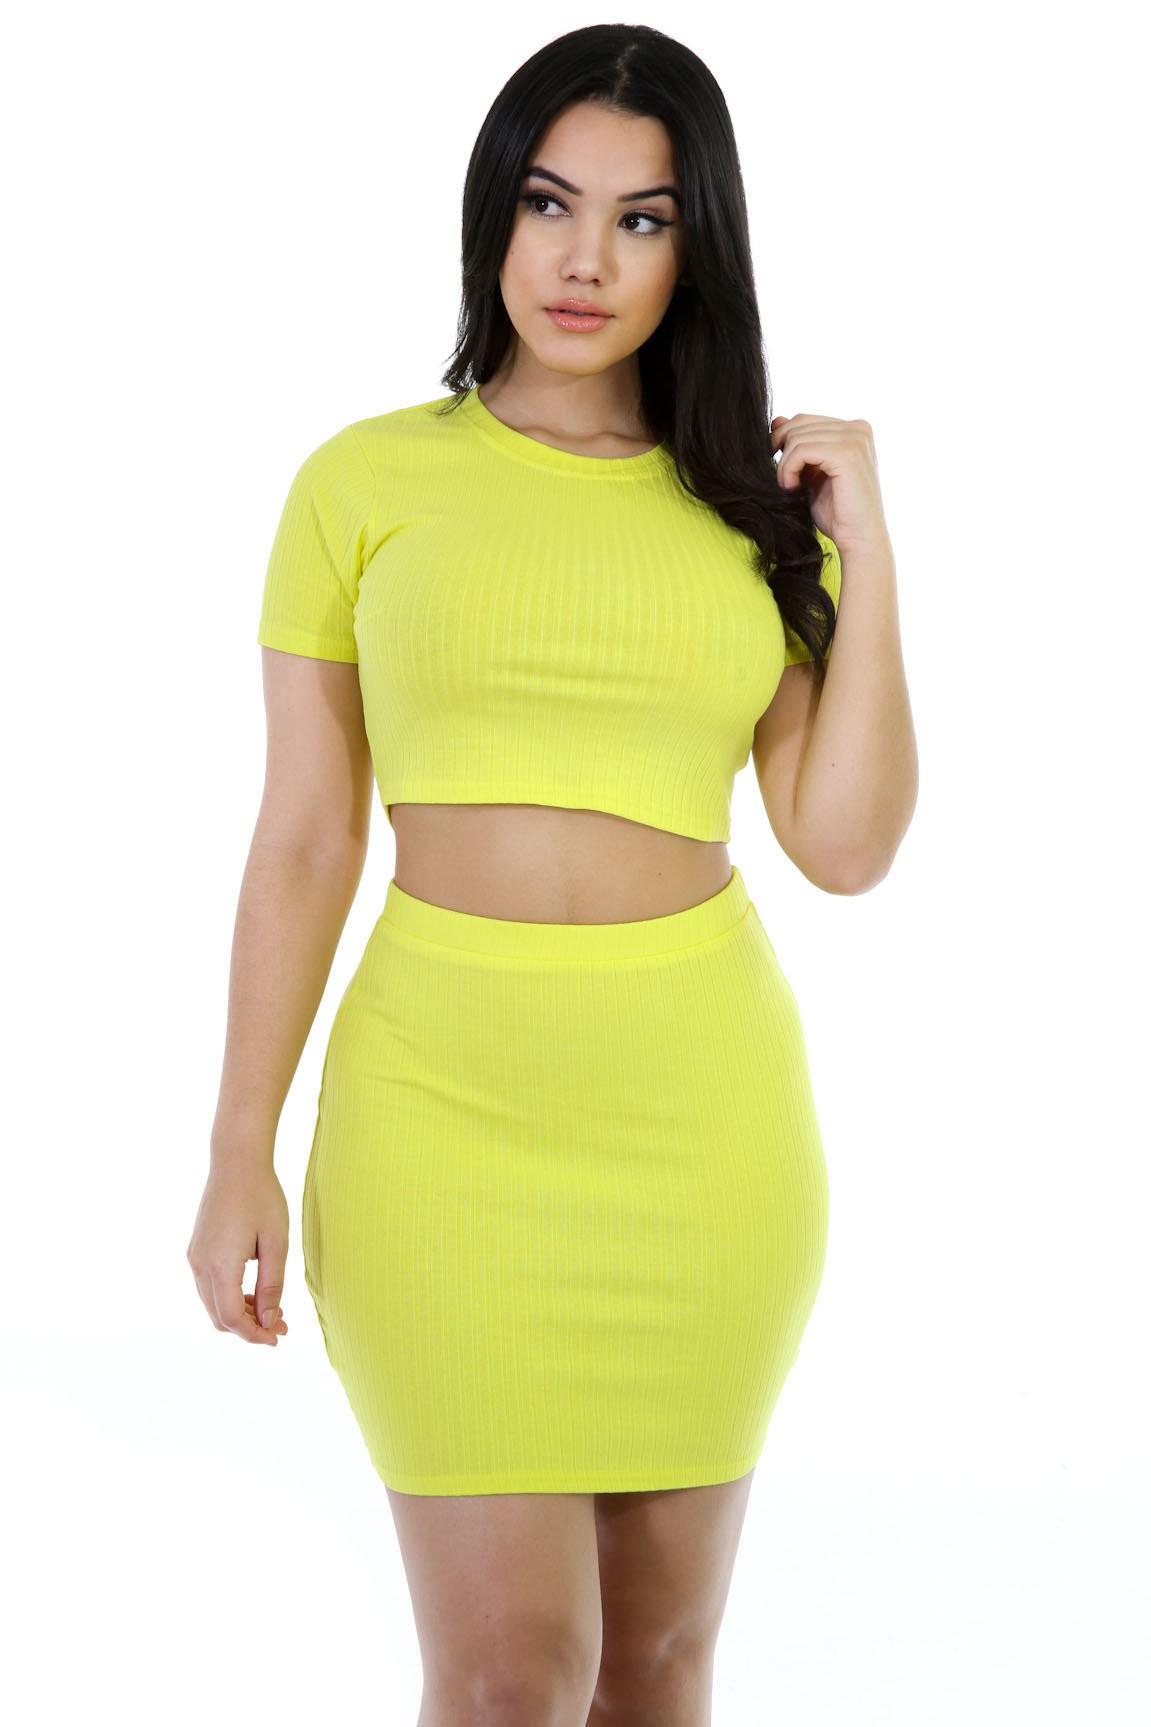 Lovely Stretchable Skirt Set